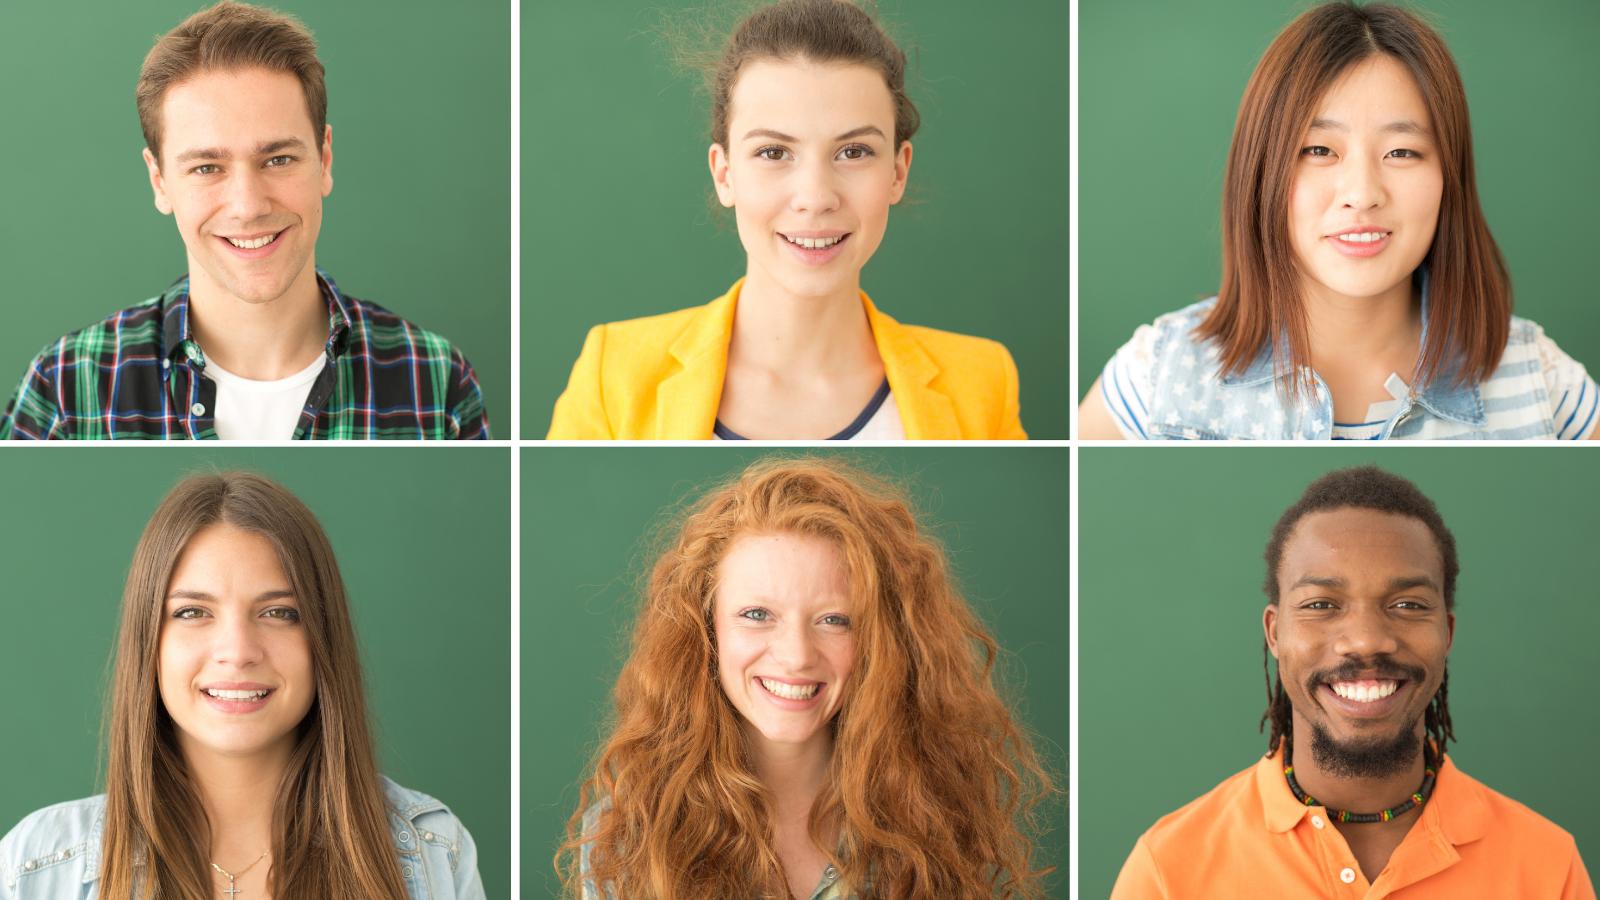 headshots of young people